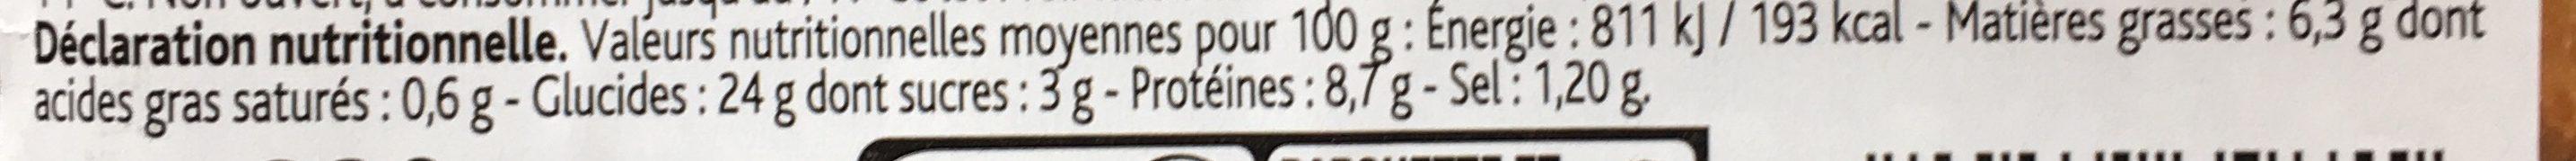 Sandwich Crudités Poulet Rôti Mayonnaise Allégée - Nutrition facts